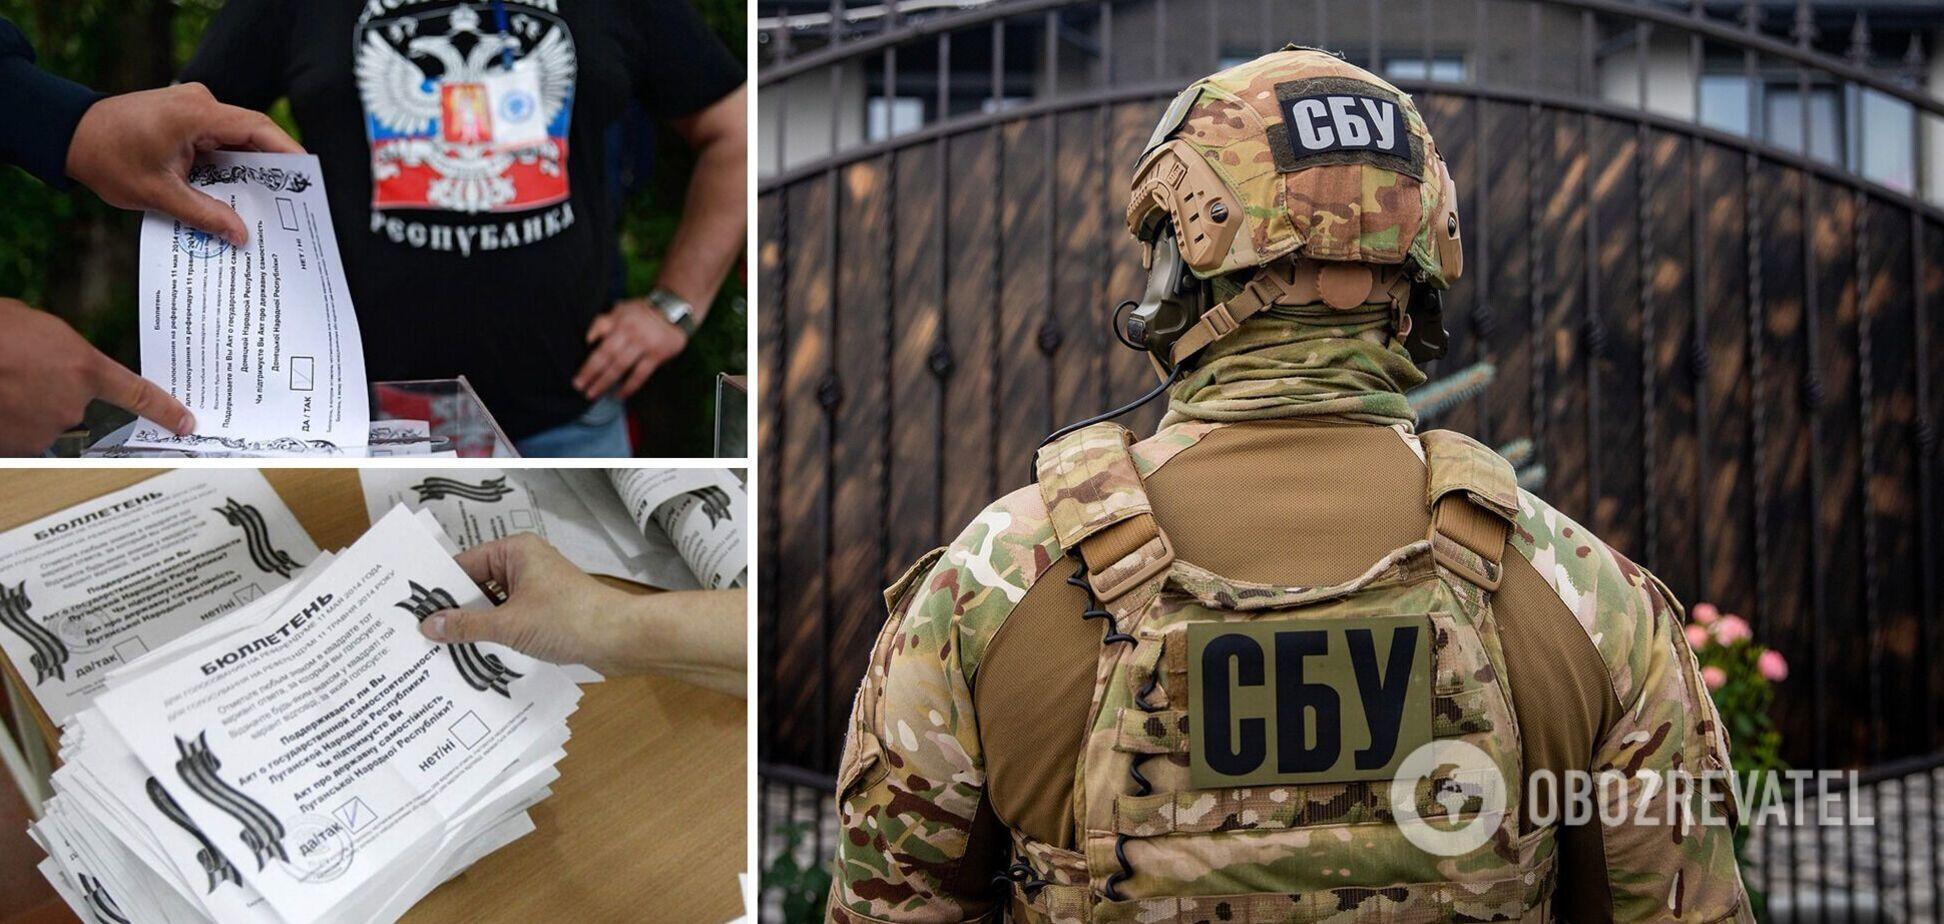 СБУ затримала одного з організаторів незаконного 'референдуму' на Луганщині. Фото